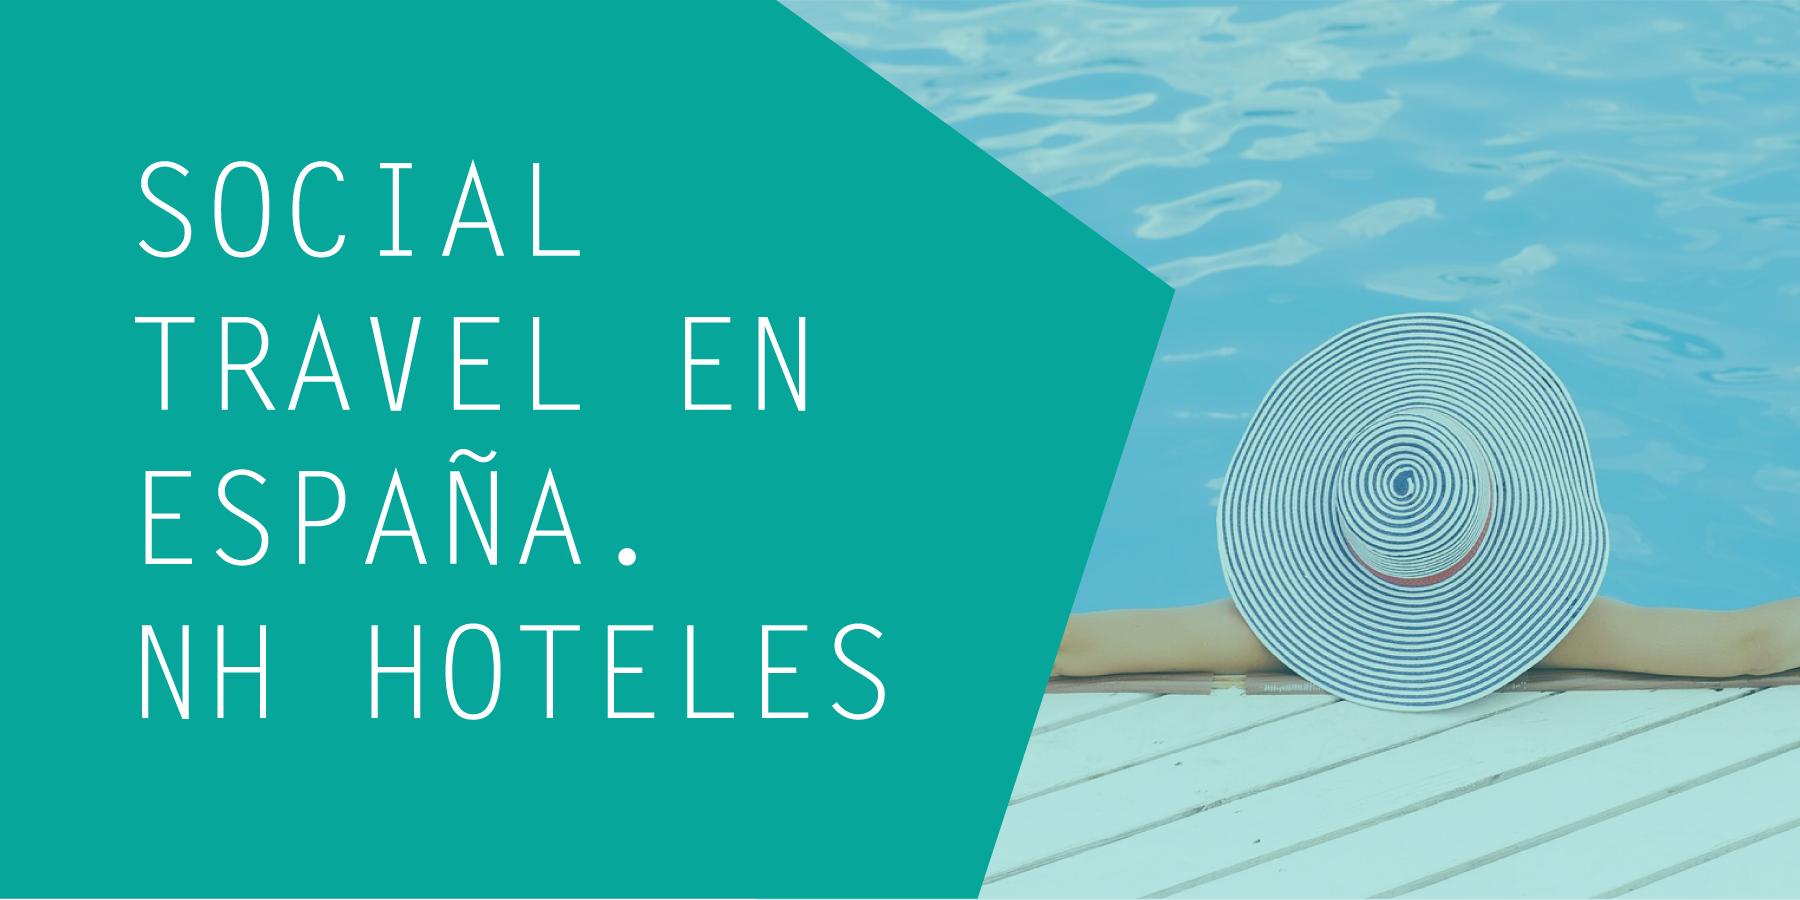 Estudio Social Travel en España